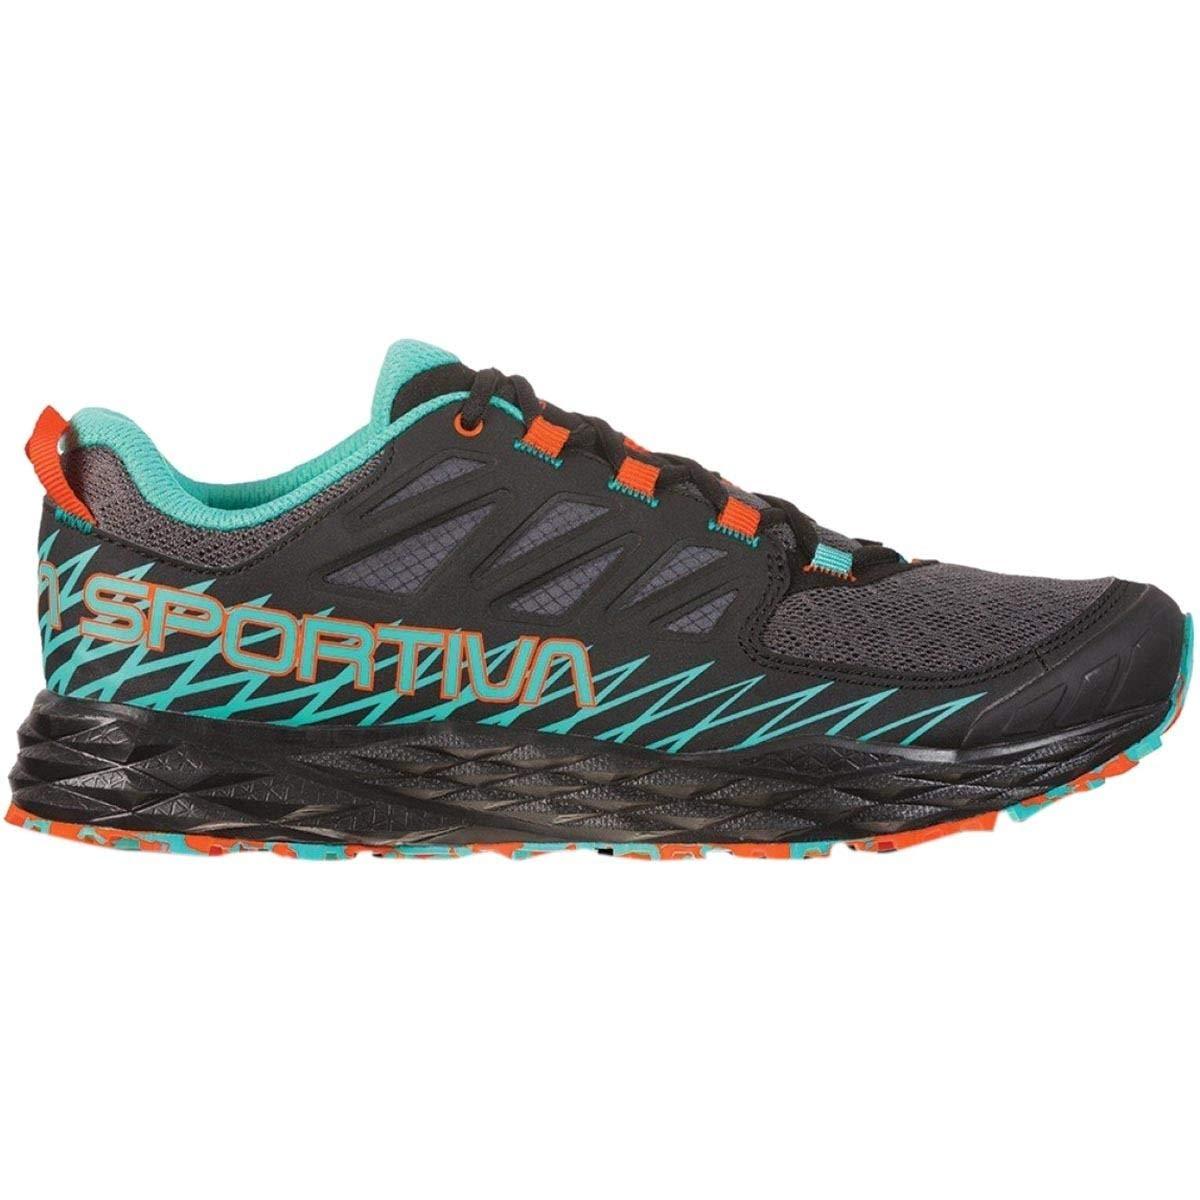 欲しいの [ラスポルティバ] レディース ランニング Lycan 39 Trail Trail Running Shoe [並行輸入品] B07P1SSKZ8 Lycan 39, トドホッケムラ:332f4a41 --- digitalmantraacademy.com